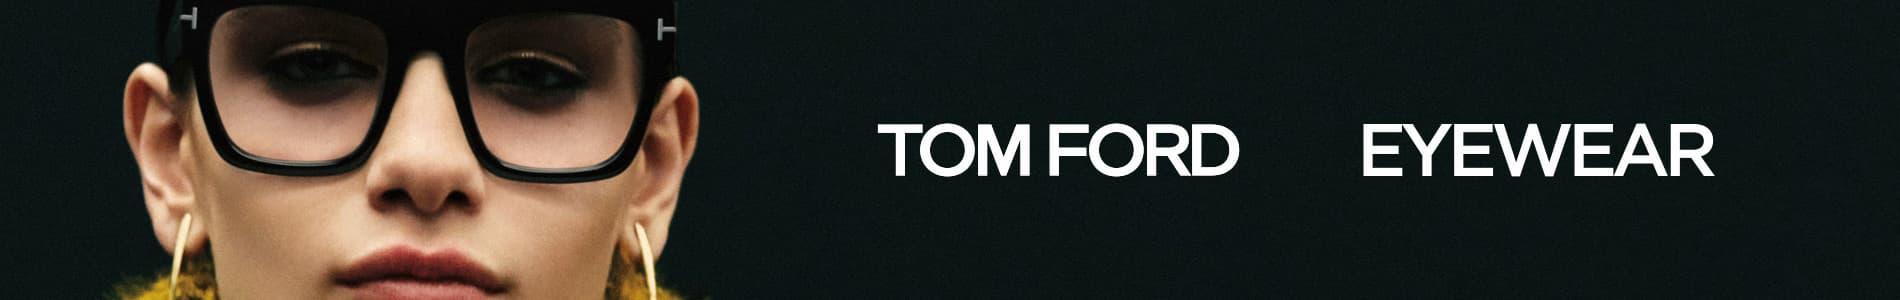 Tom Ford briller dame